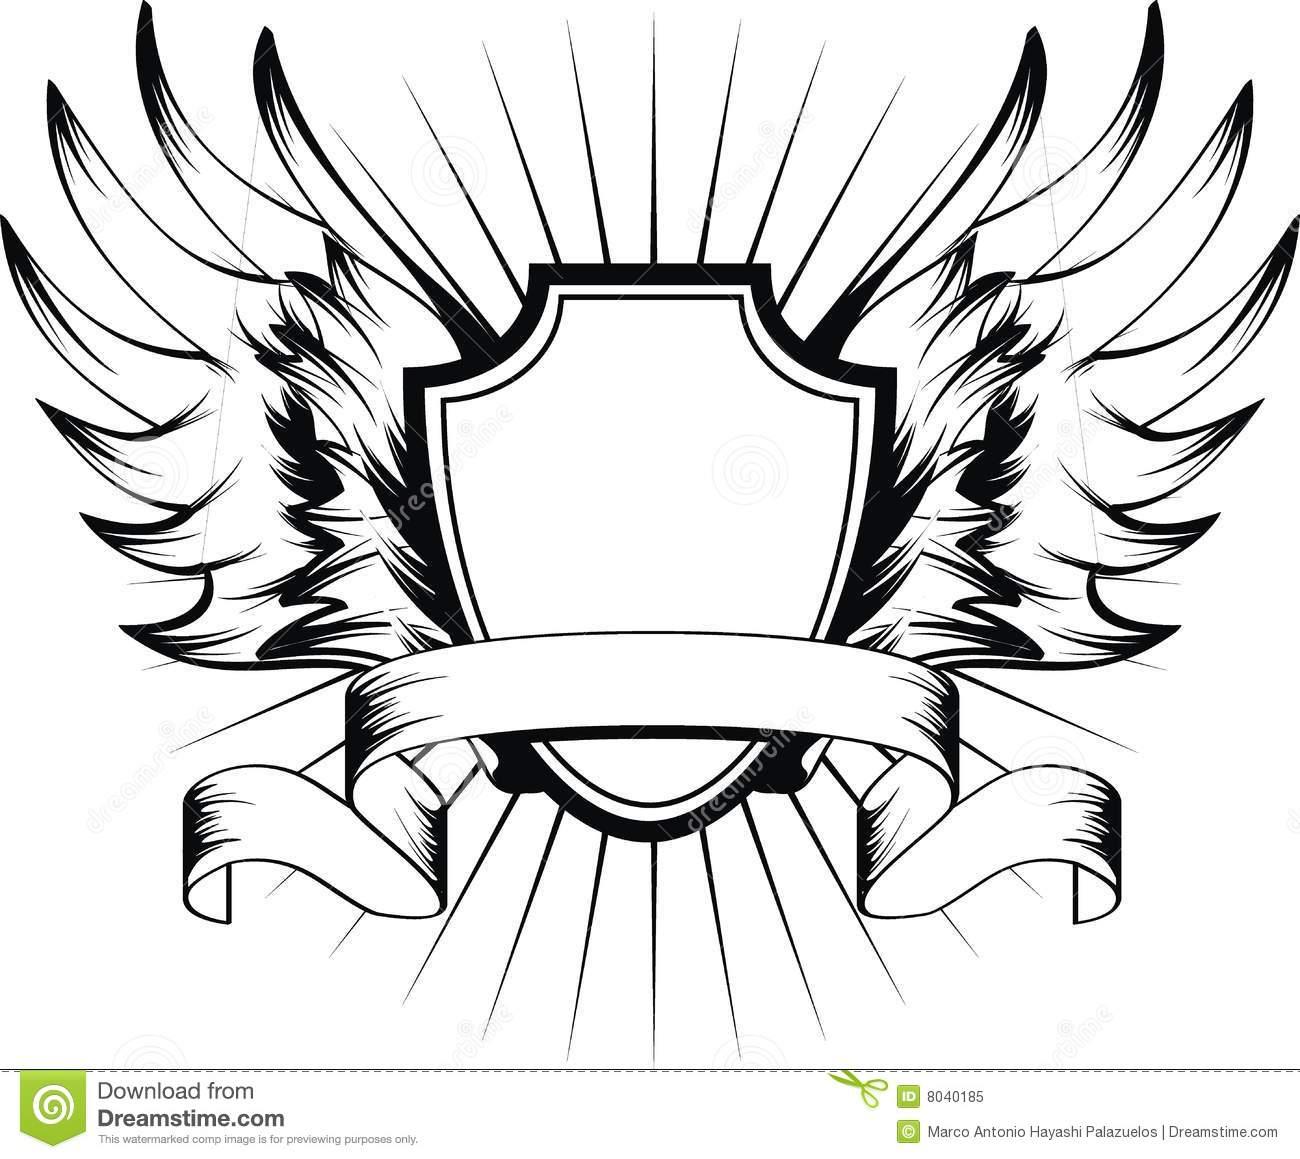 Crest Backgrounds, Compatible - PC, Mobile, Gadgets  1300x1159 px